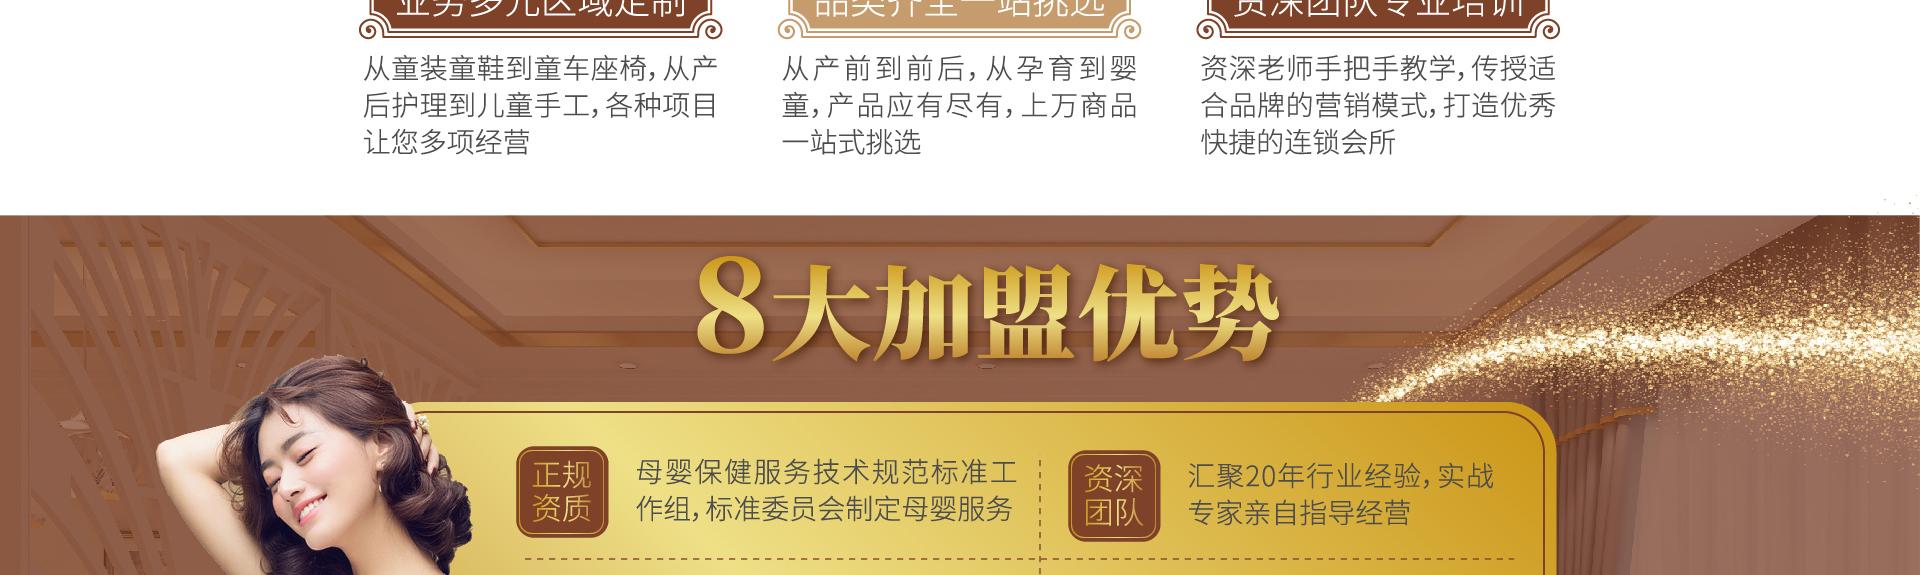 东方幸福月子会所PC_15